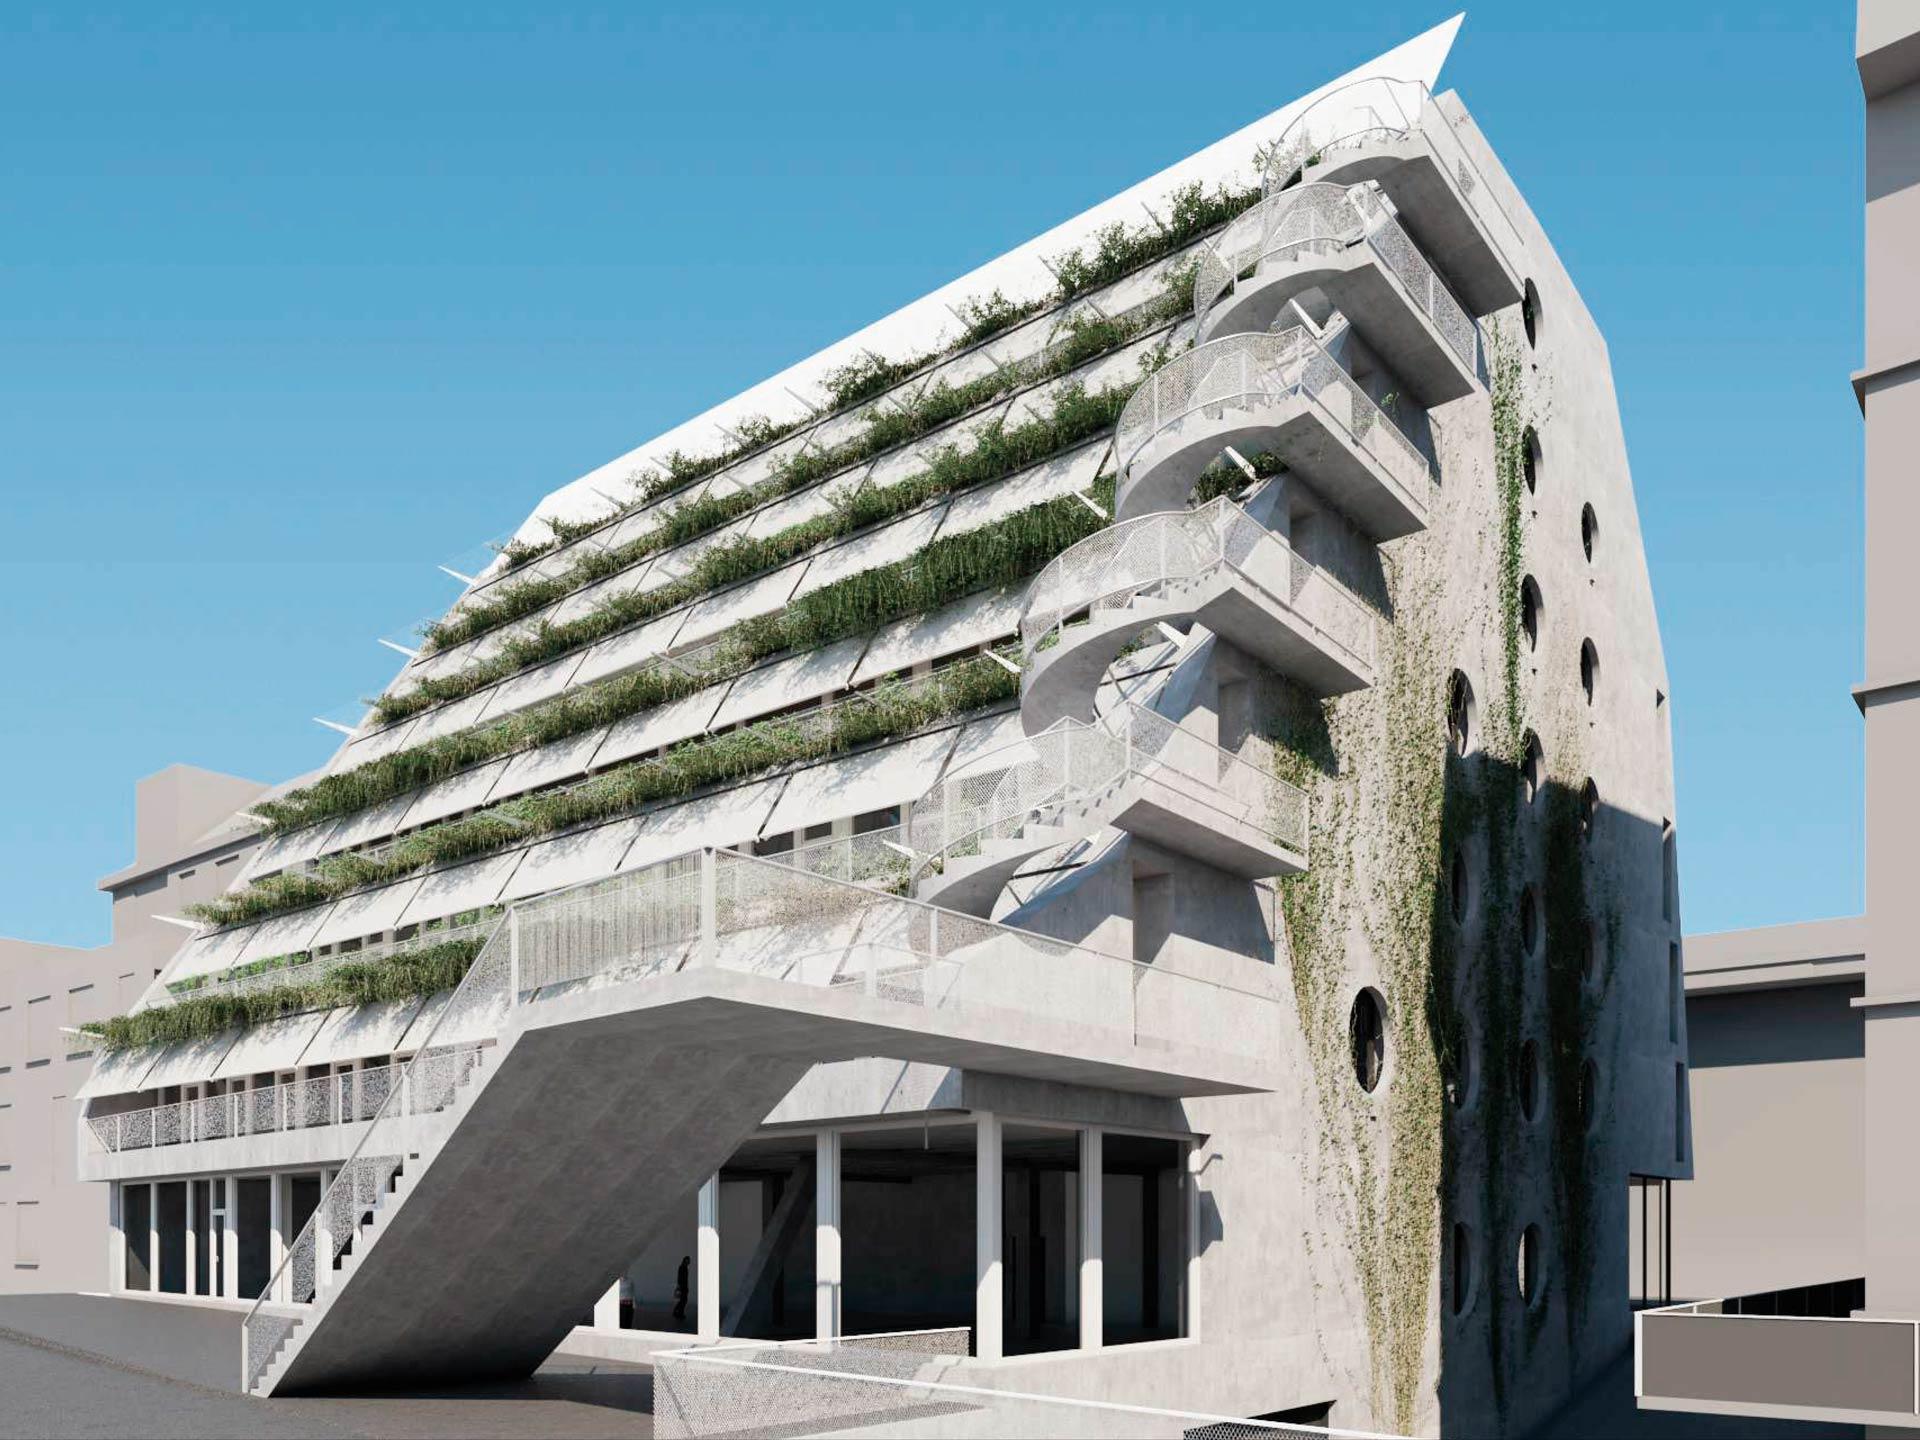 Immeuble de bureaux et de commerces Binzstrasse 29